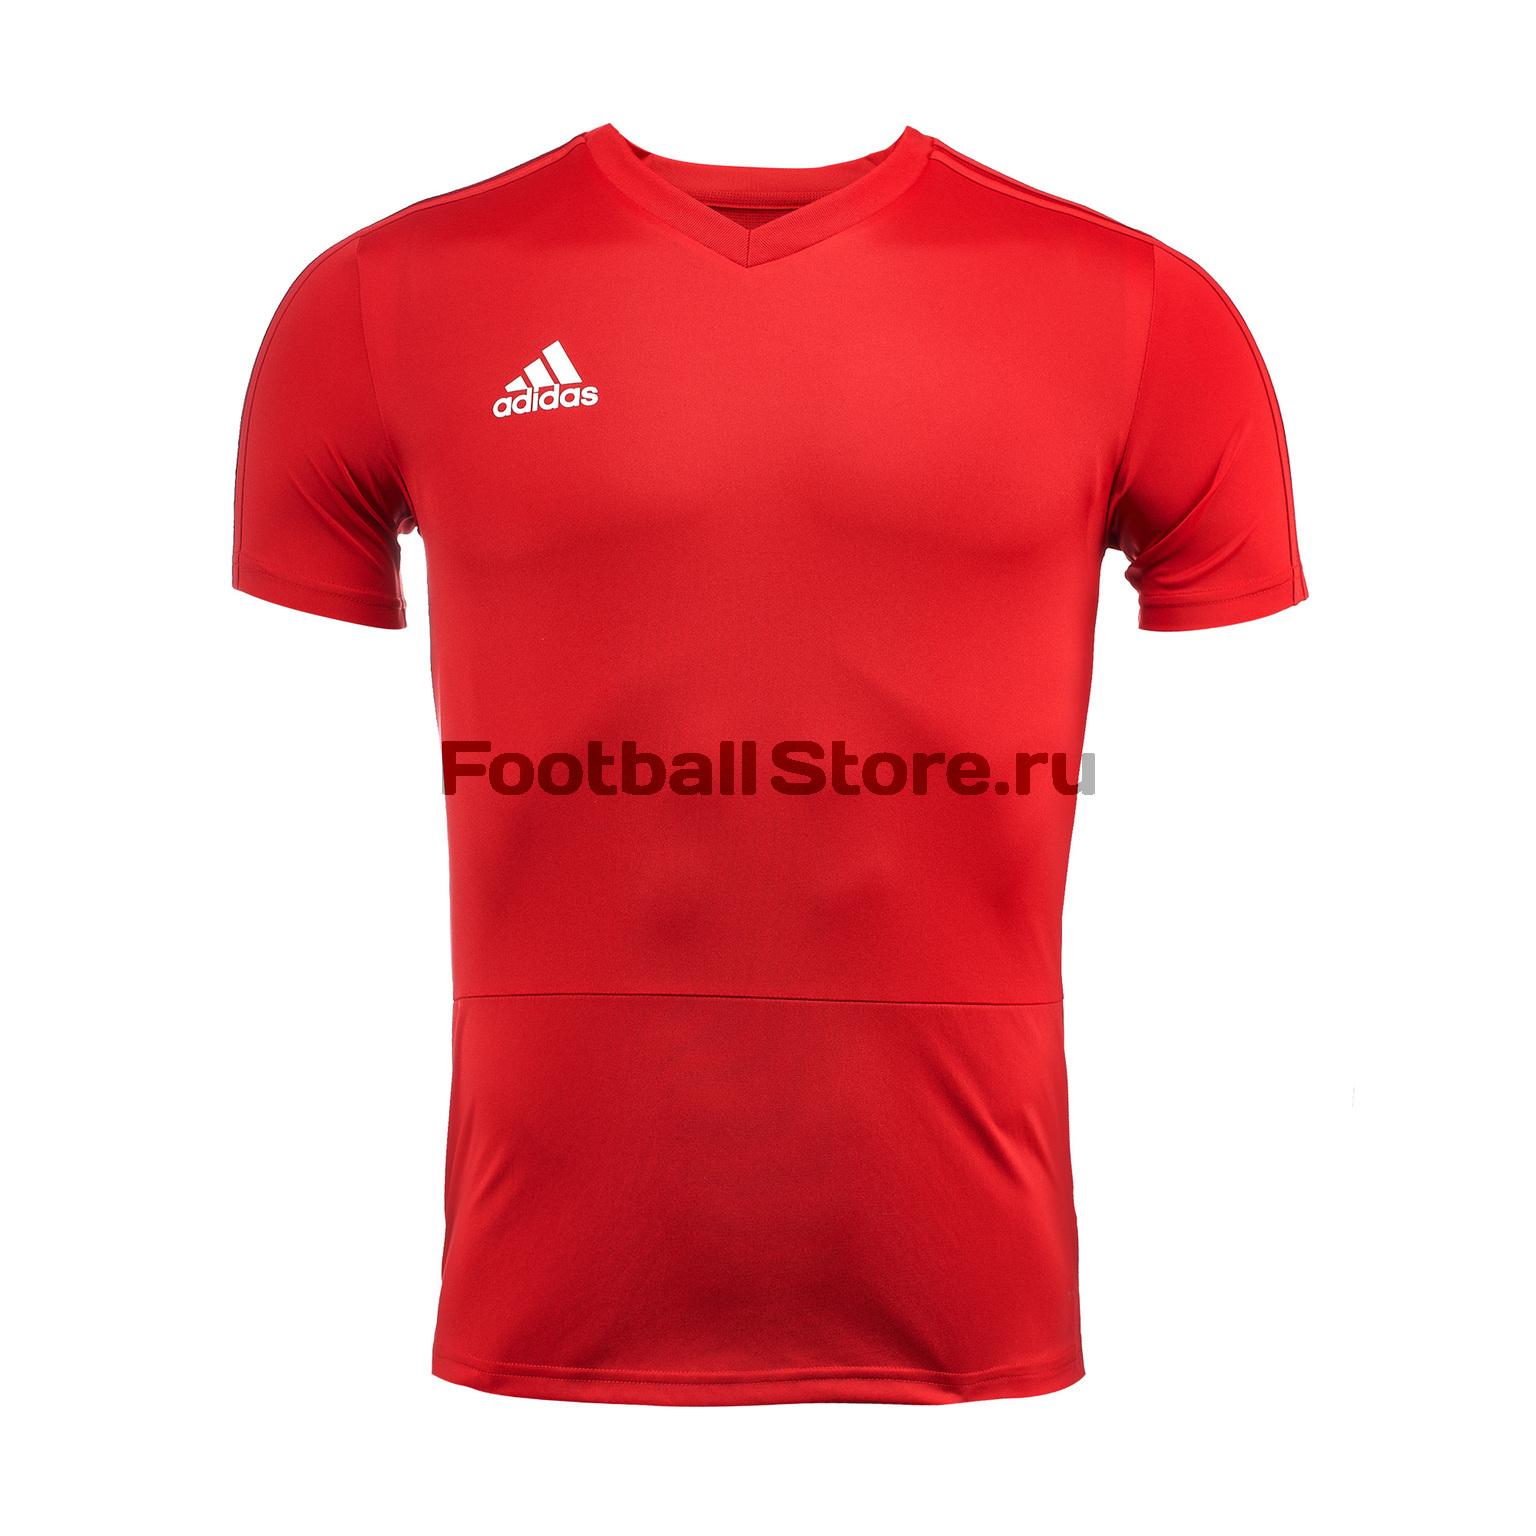 Футболка тренировочная Adidas Con18 TR JSY CG0353 футболка тренировочная adidas tiro19 tr jsy dt5288